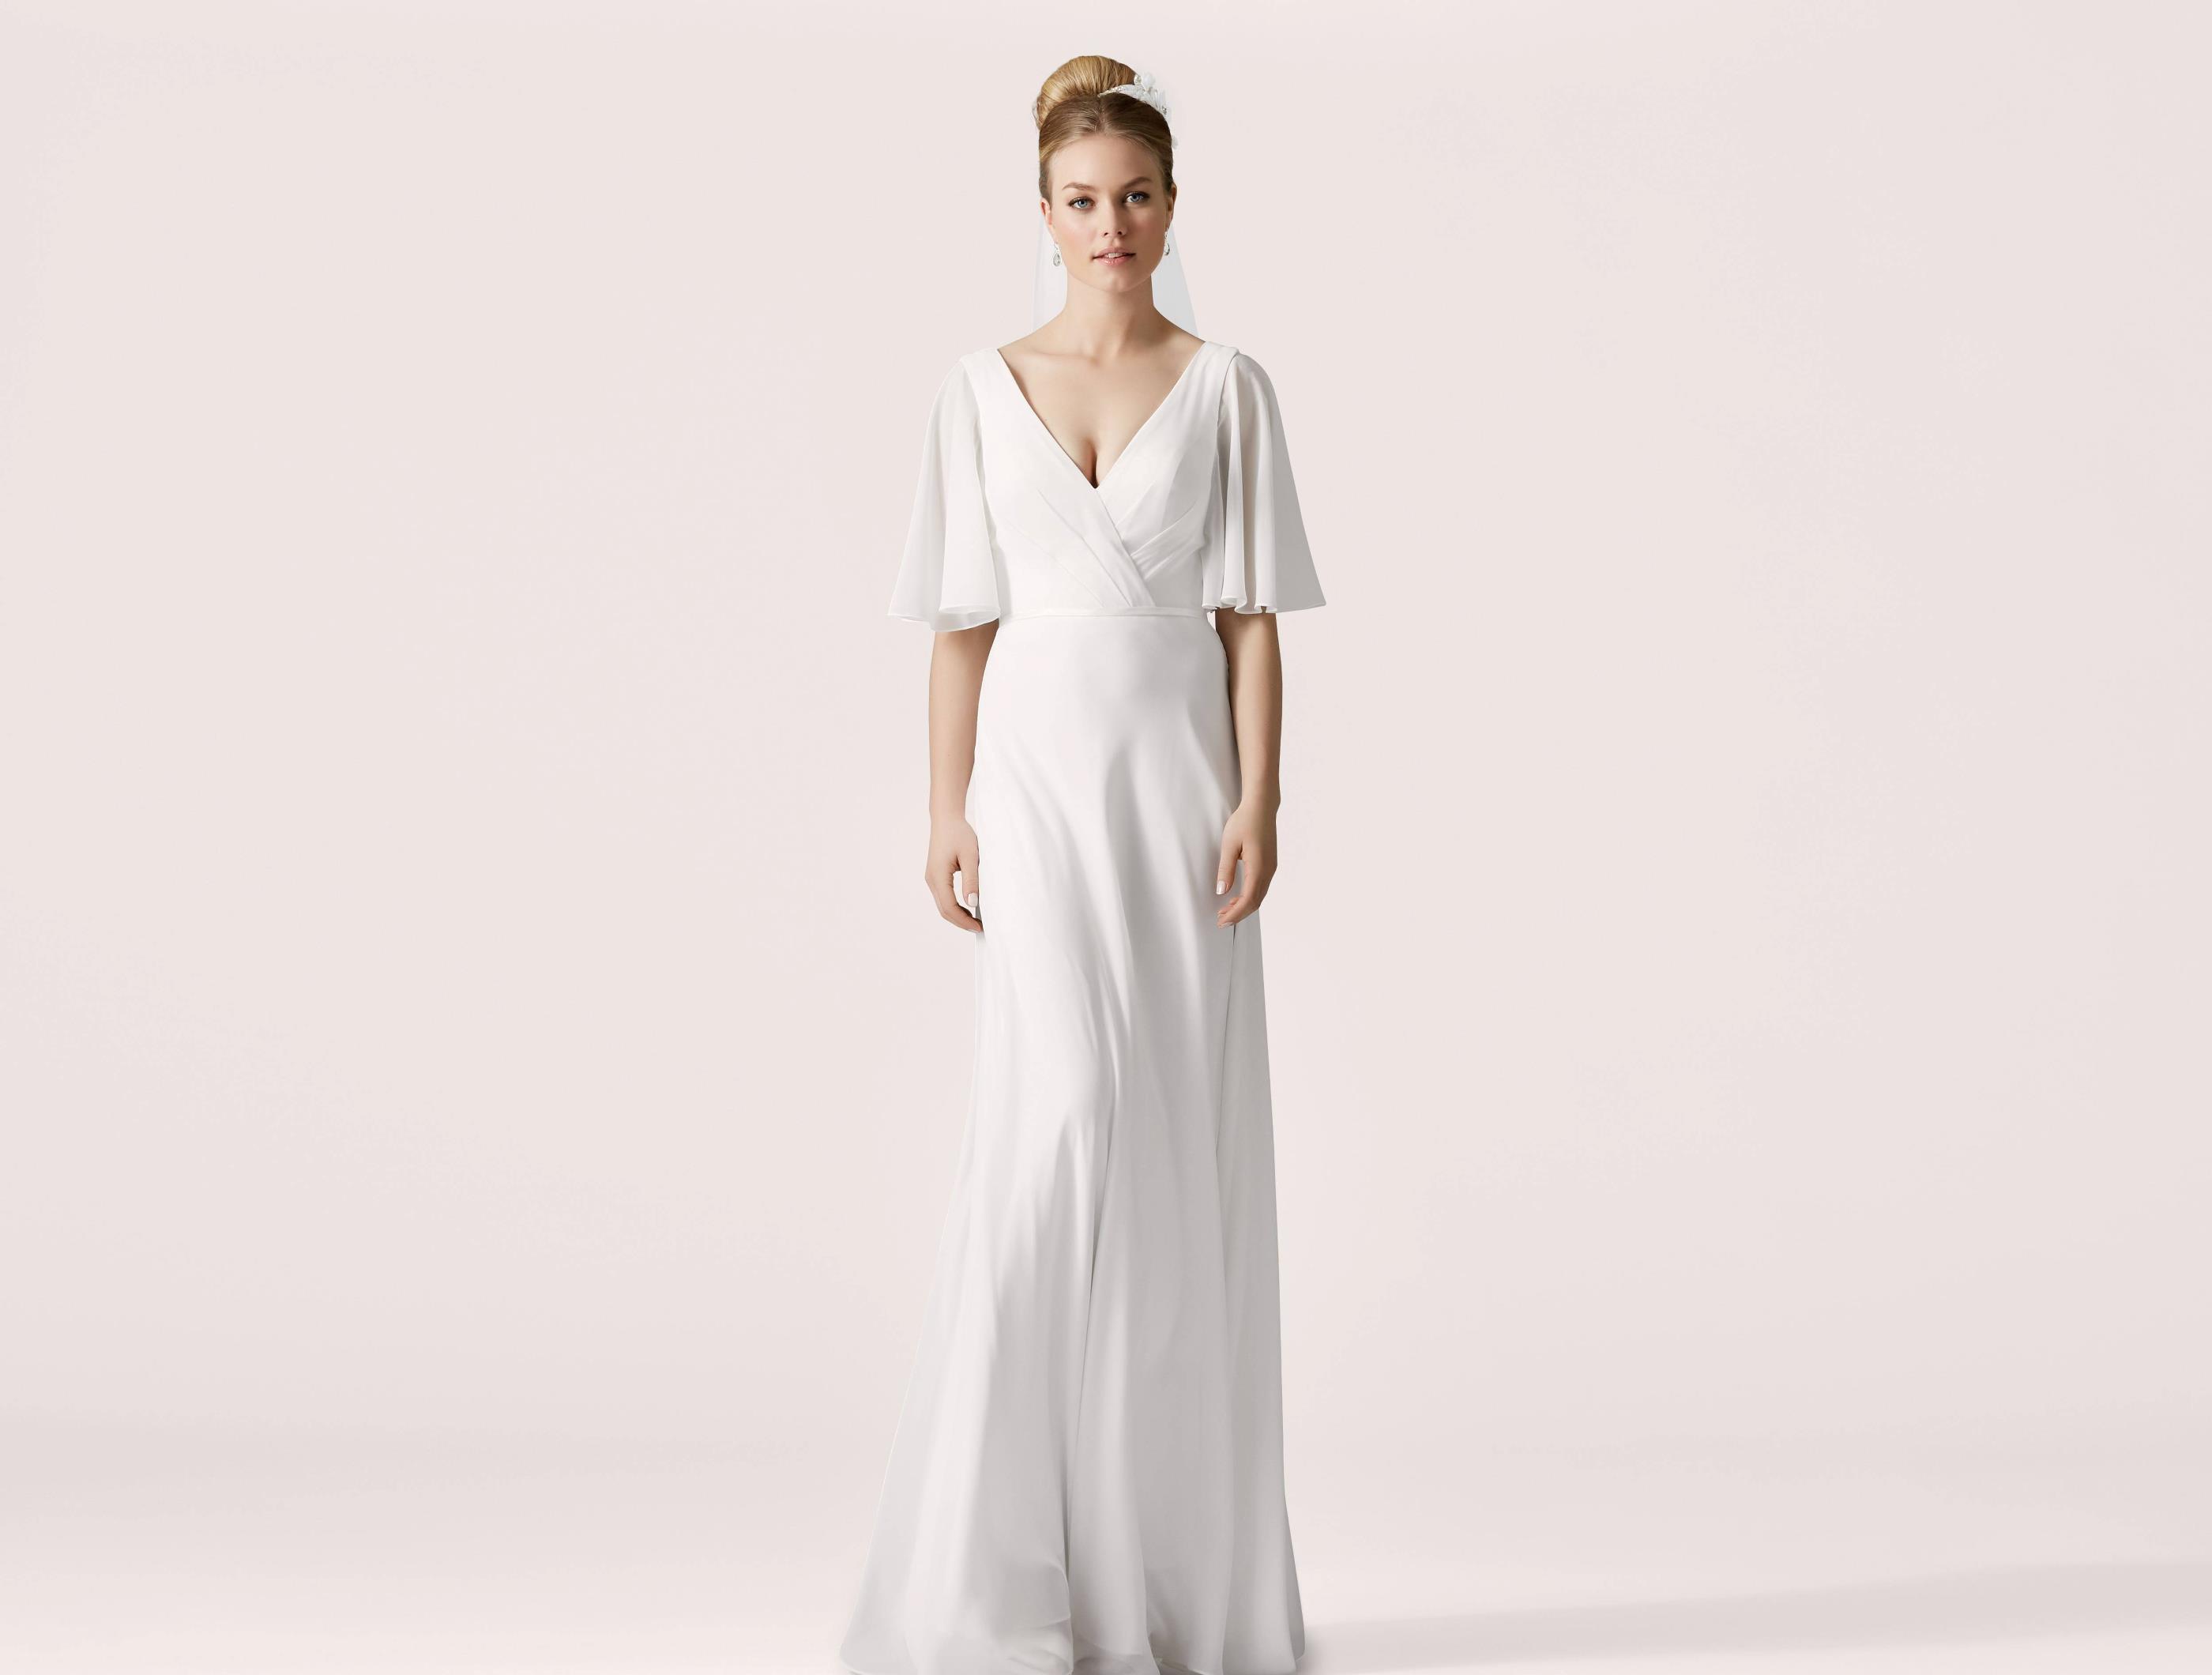 d7a375df956a Brudklänning Från Lilly Leveranstid kan variera mellan 1-14 veckor Kontakta  oss gärna om du